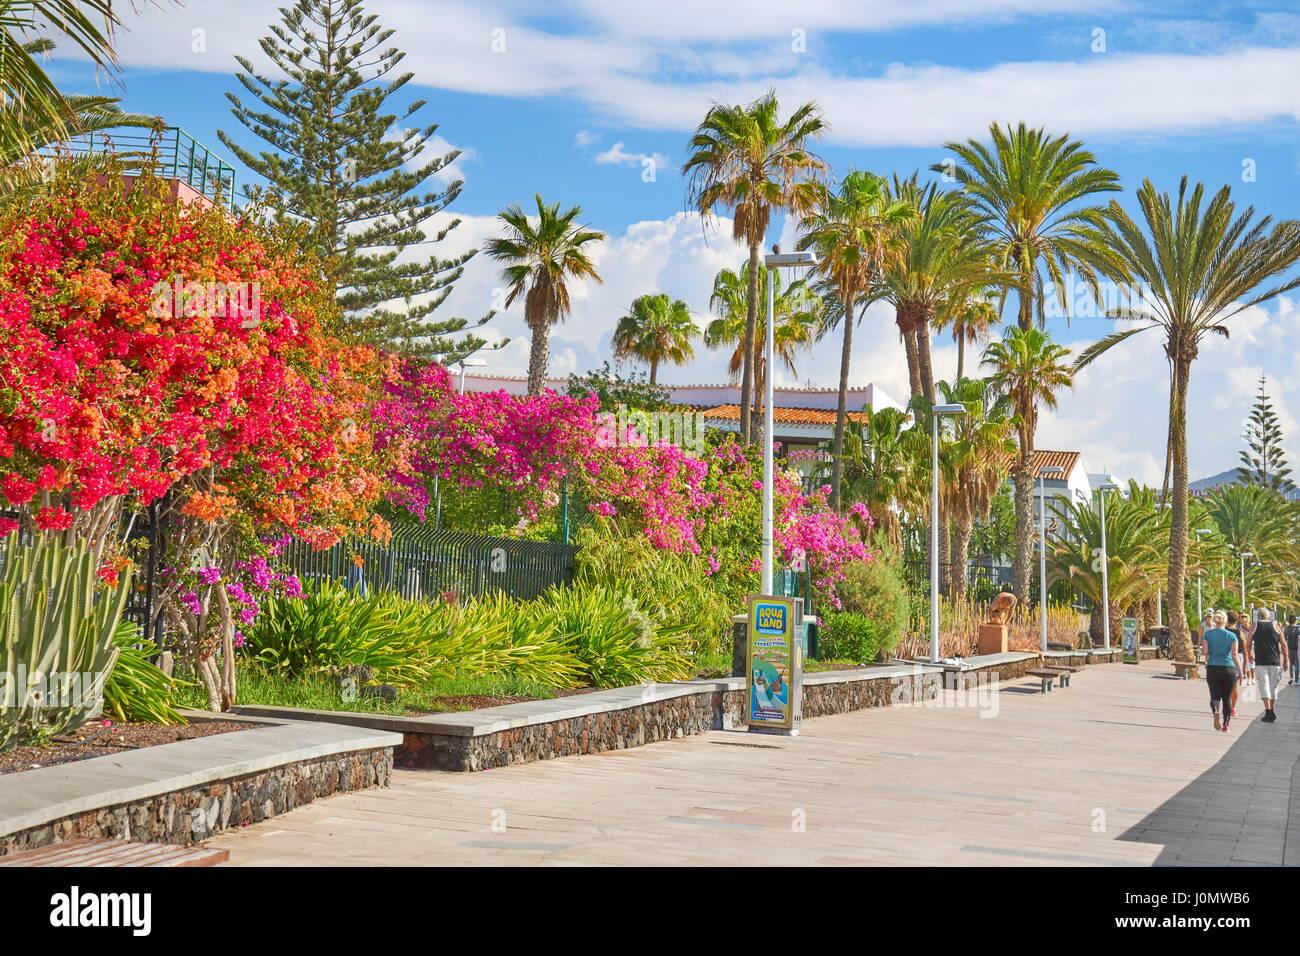 Playa de Ingles Promenade, Gran Canaria, Spanien Stockfoto